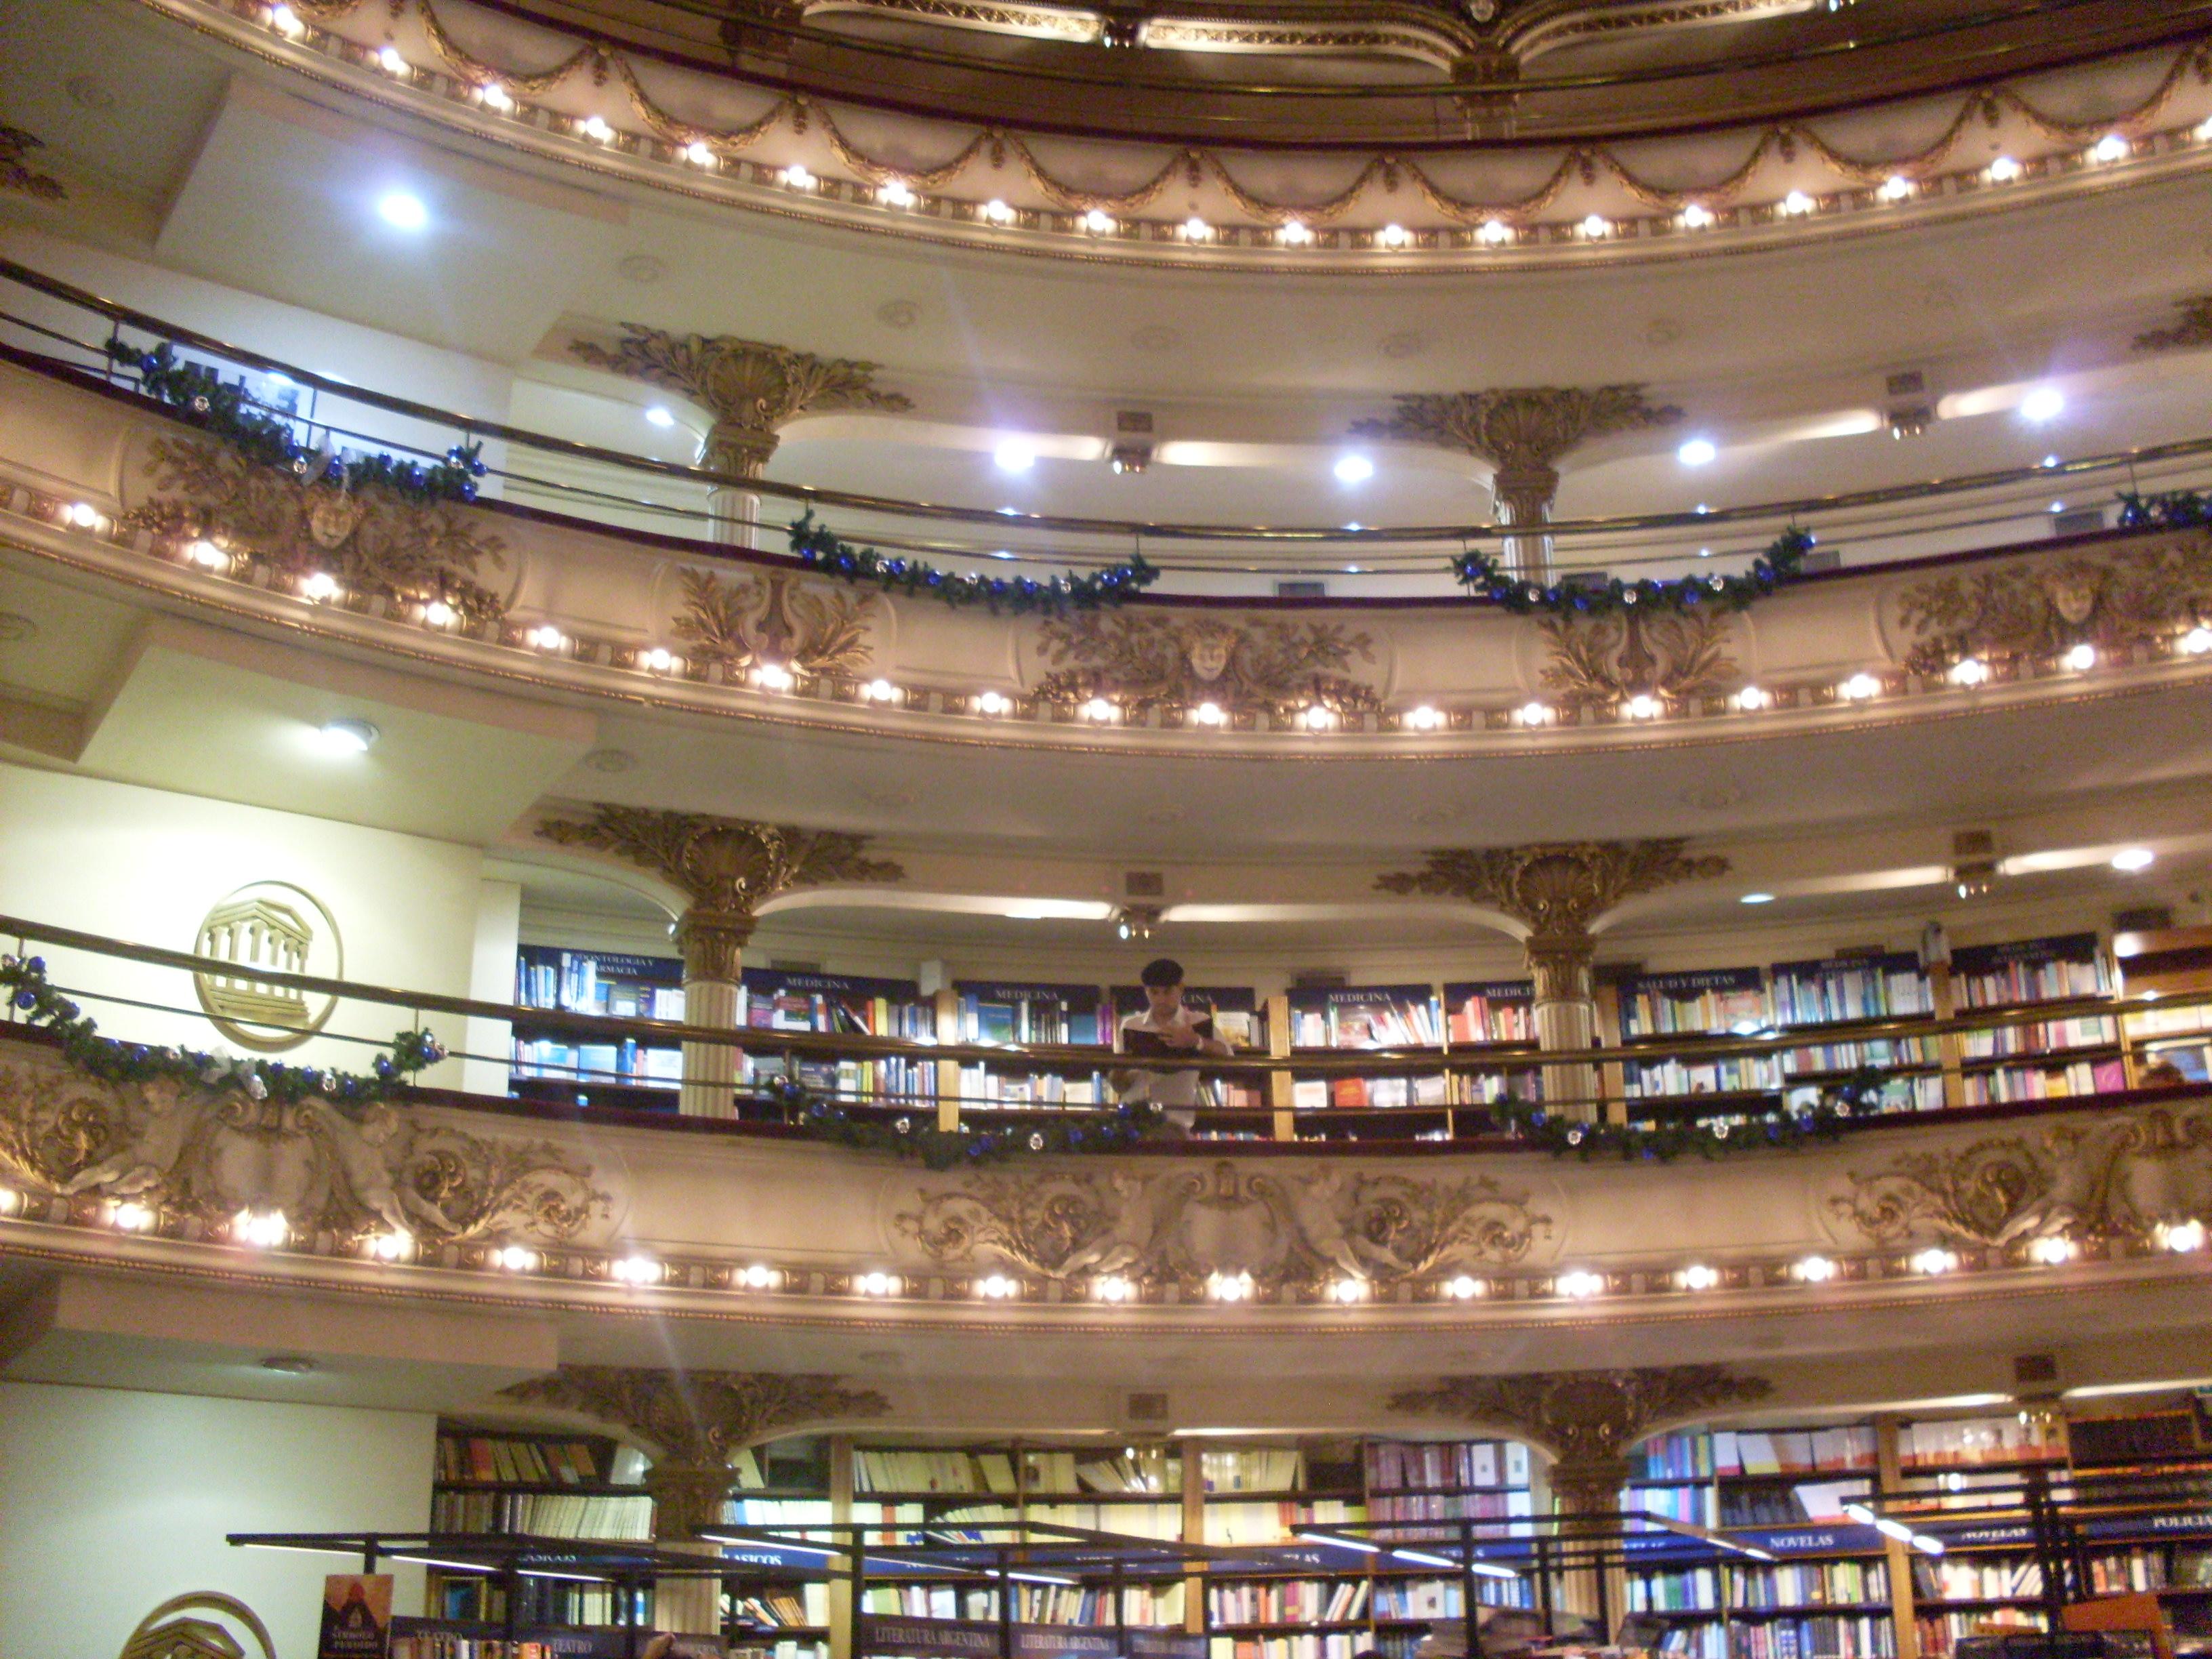 Biblioteca cr nicas dumas viagens for Distancia entre estantes biblioteca